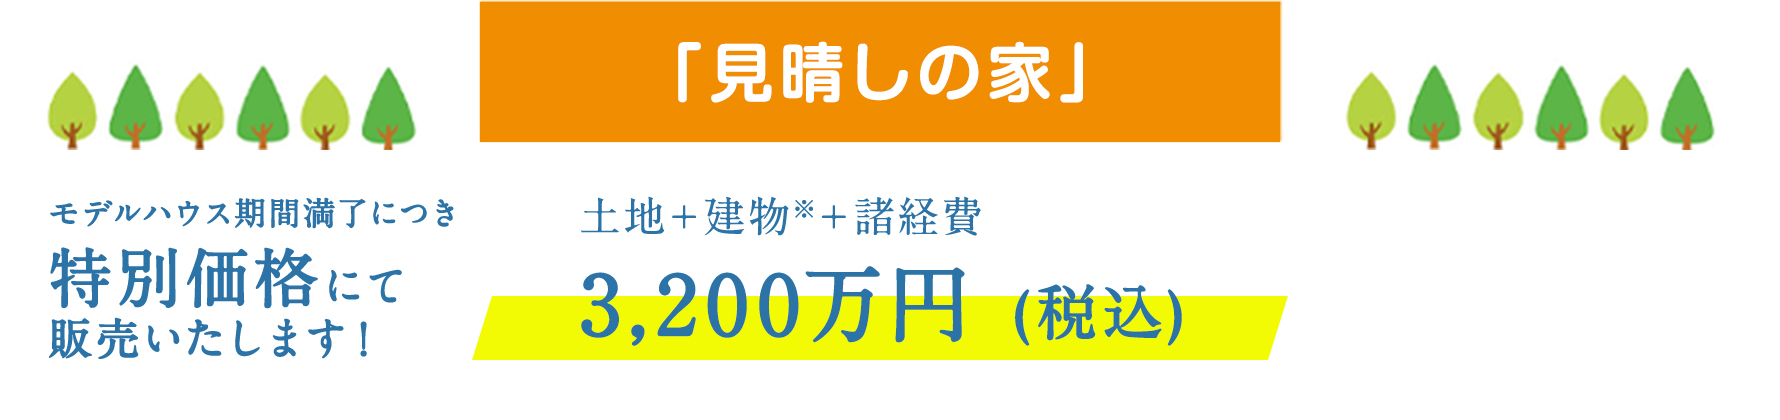 「見晴しの家」特別価格3,200万円(税込)!